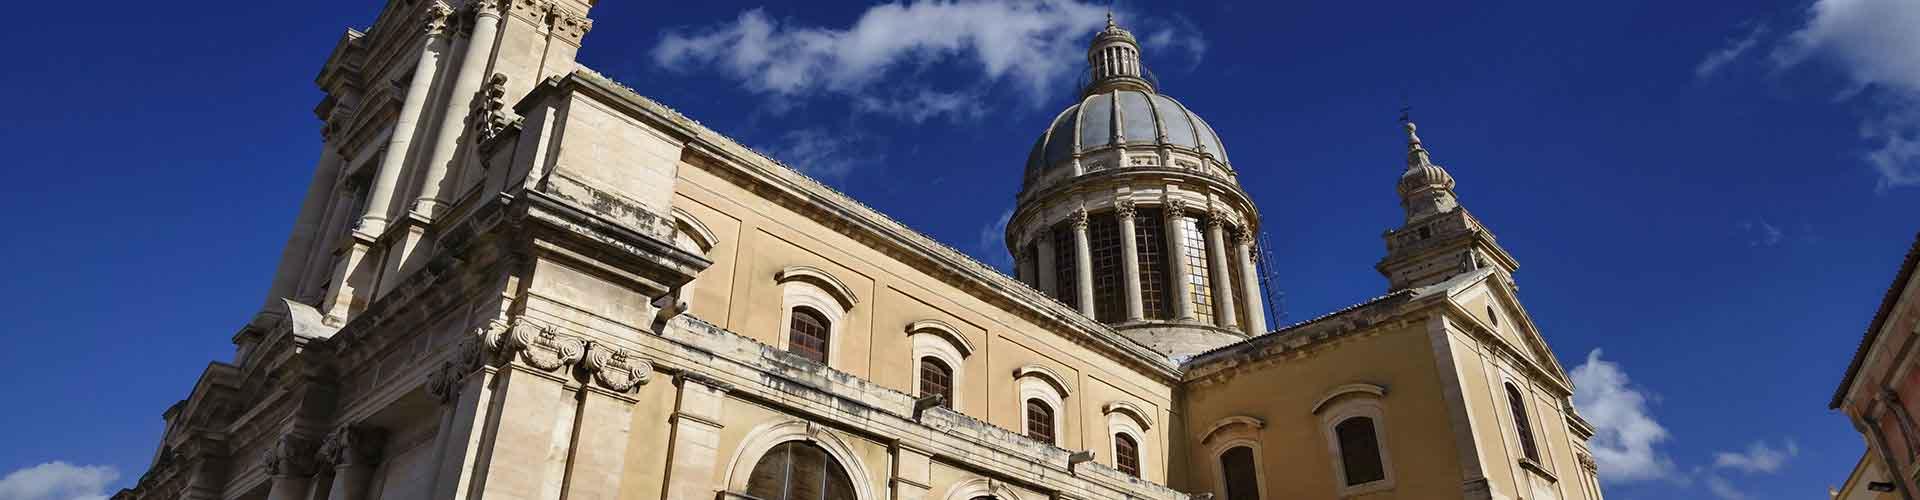 フィレンツェ – Santissima Annunziata地区のホテル. 地図 フィレンツェ, すべてのホテルの写真とレビュー フィレンツェ.